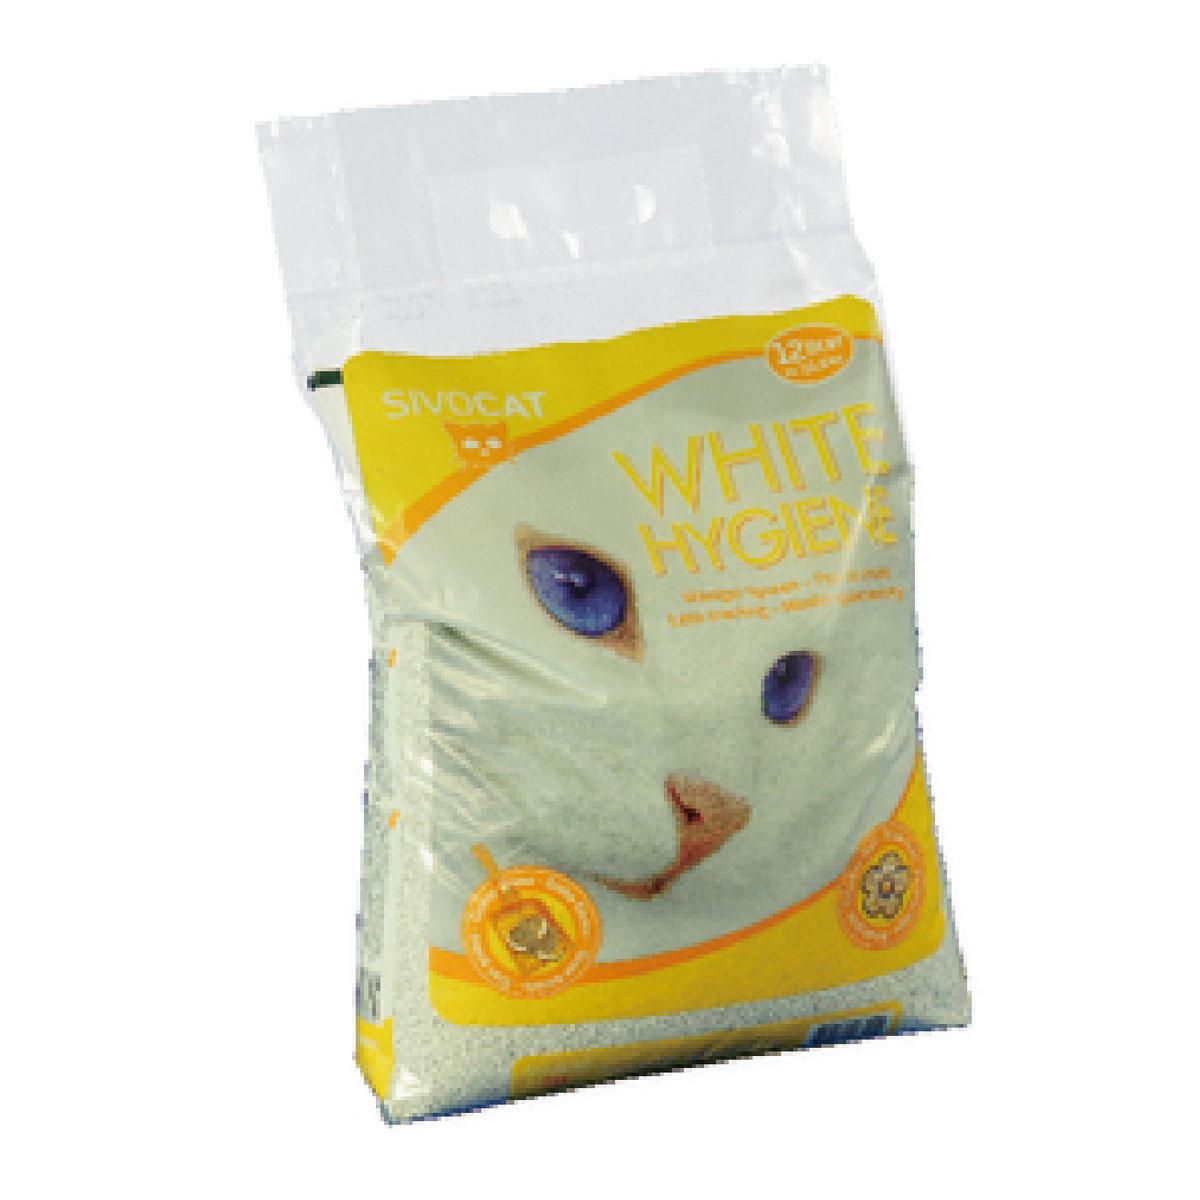 歐洲SIVOCAT不易黏腳貓砂 12L (10.6kg)